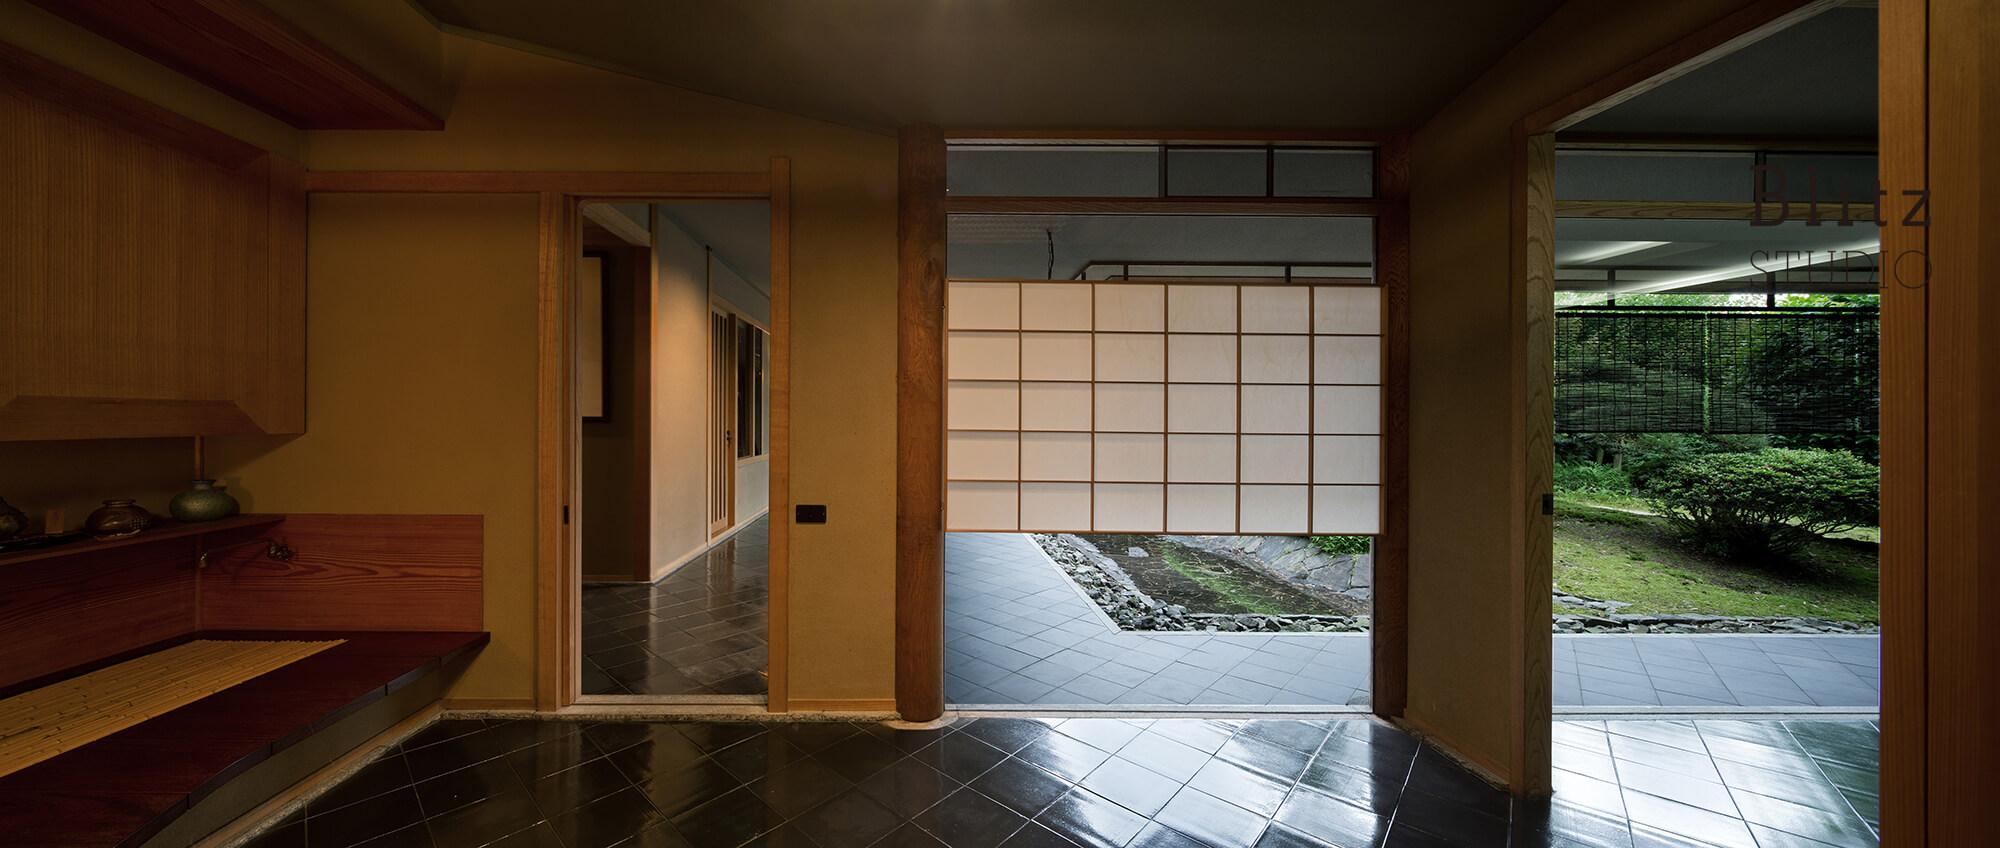 『宗像名残荘』建築写真・竣工写真・インテリア写真40